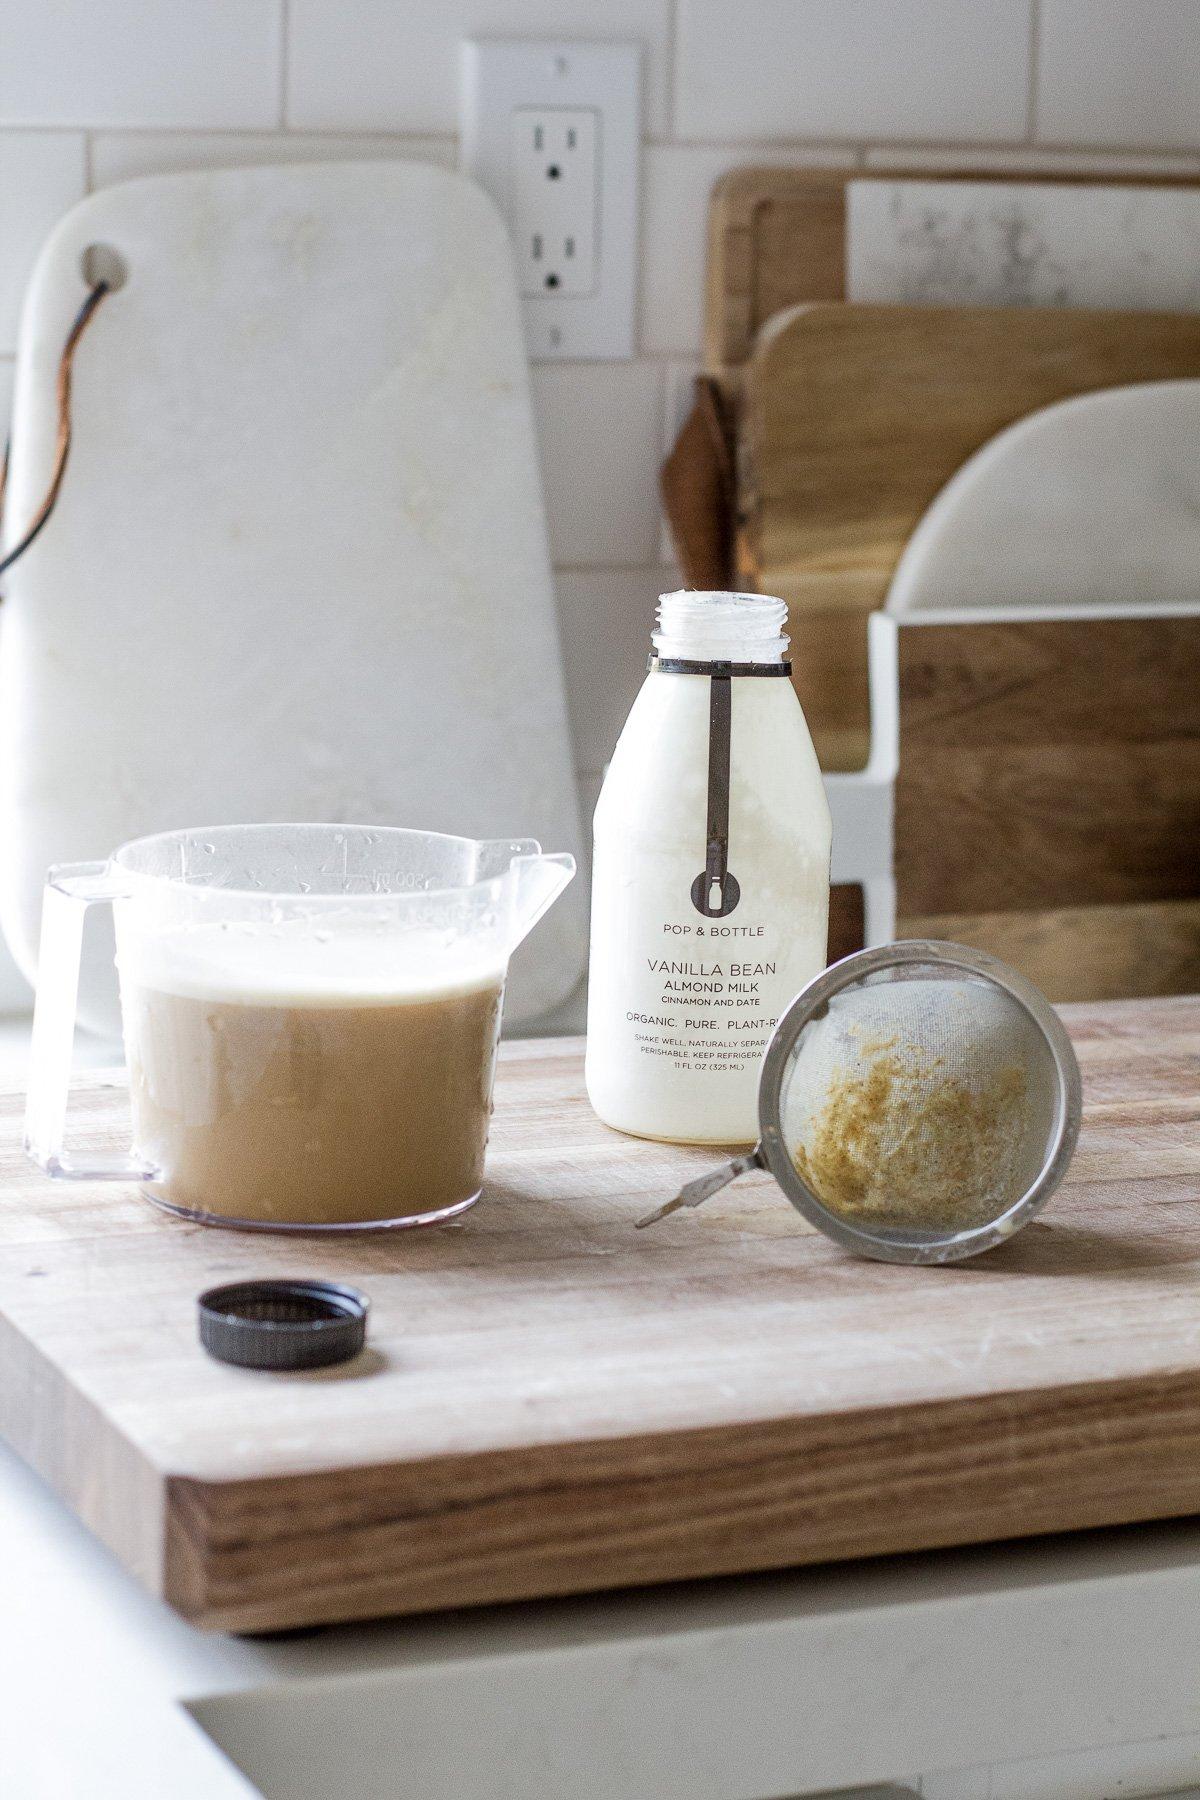 healthy leche flan